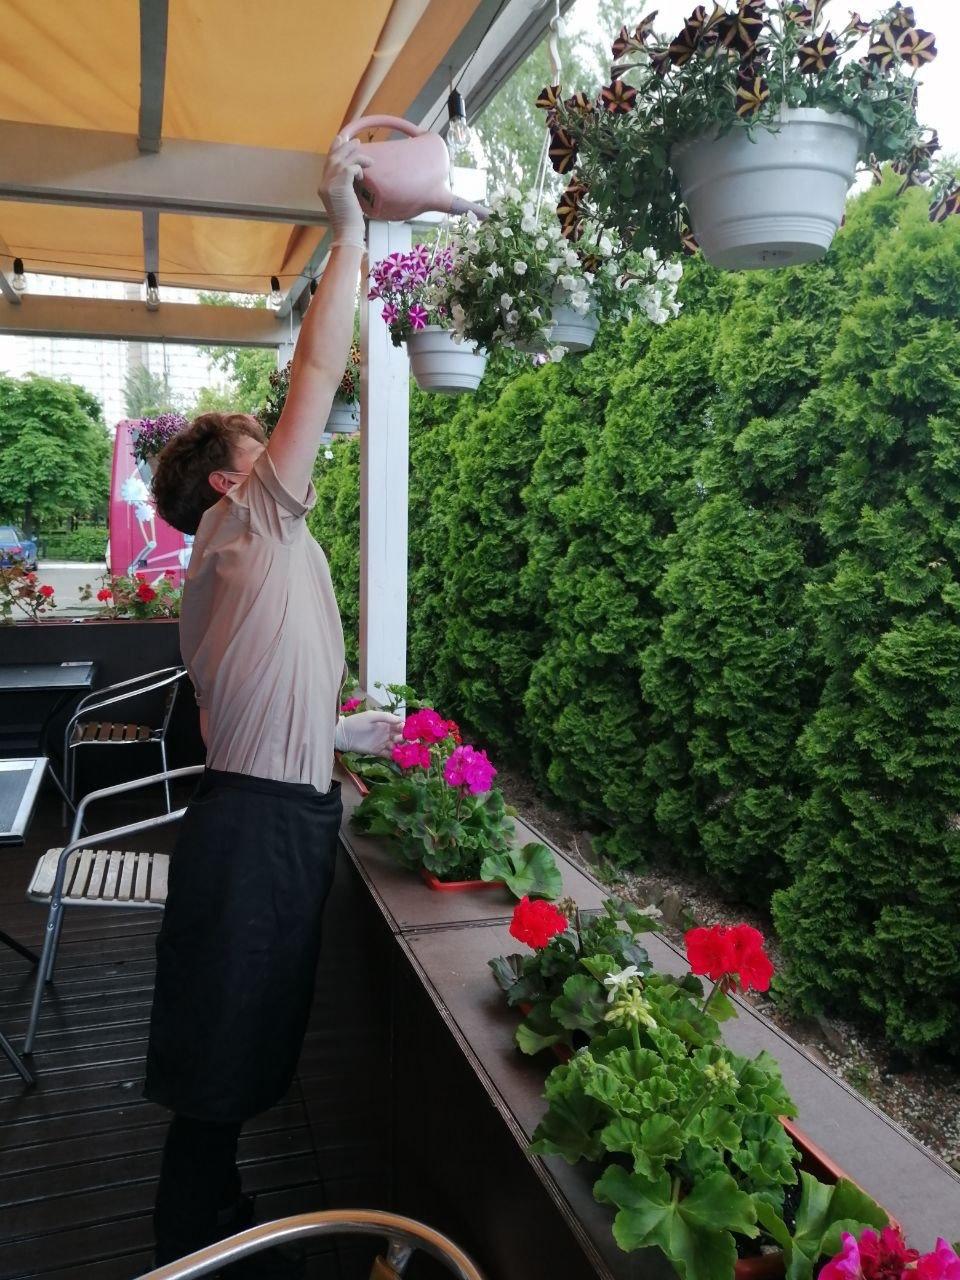 Летние террасы Киева: где отдохнуть и расслабиться на свежем воздухе, фото-22